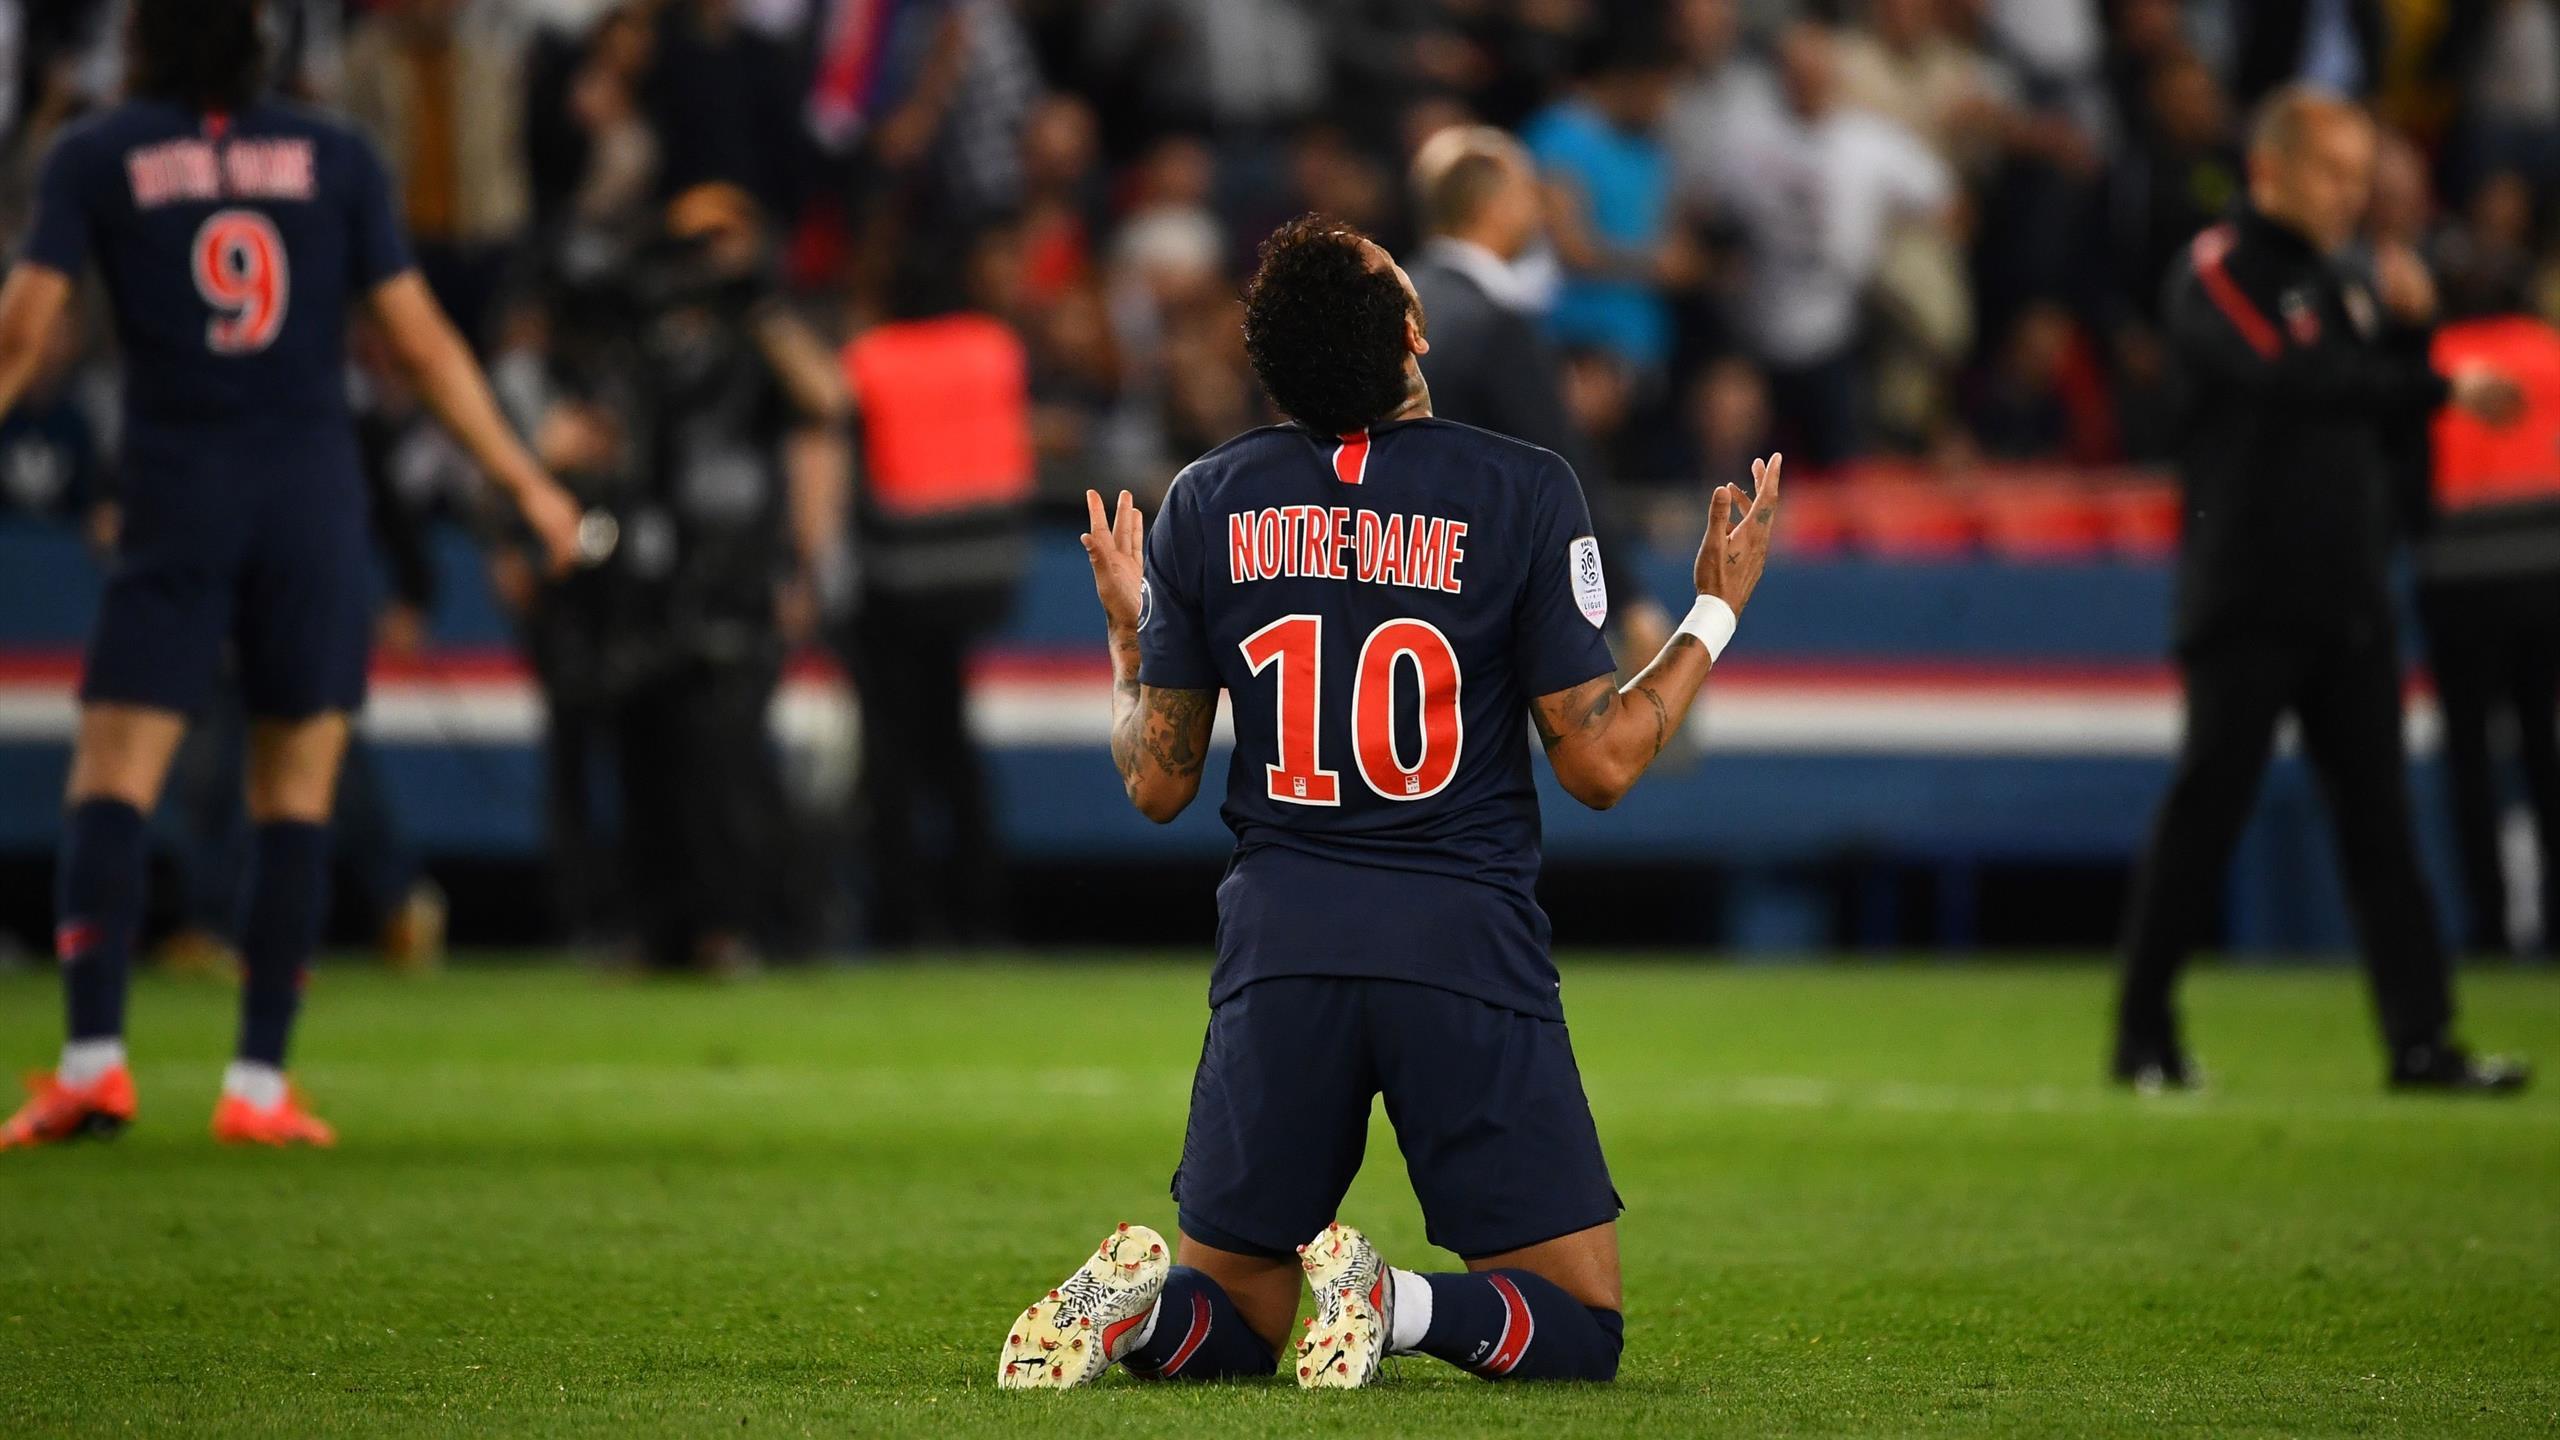 PSG Gegen AS Monaco Notre Dame Auf Der Brust Und Auf Dem